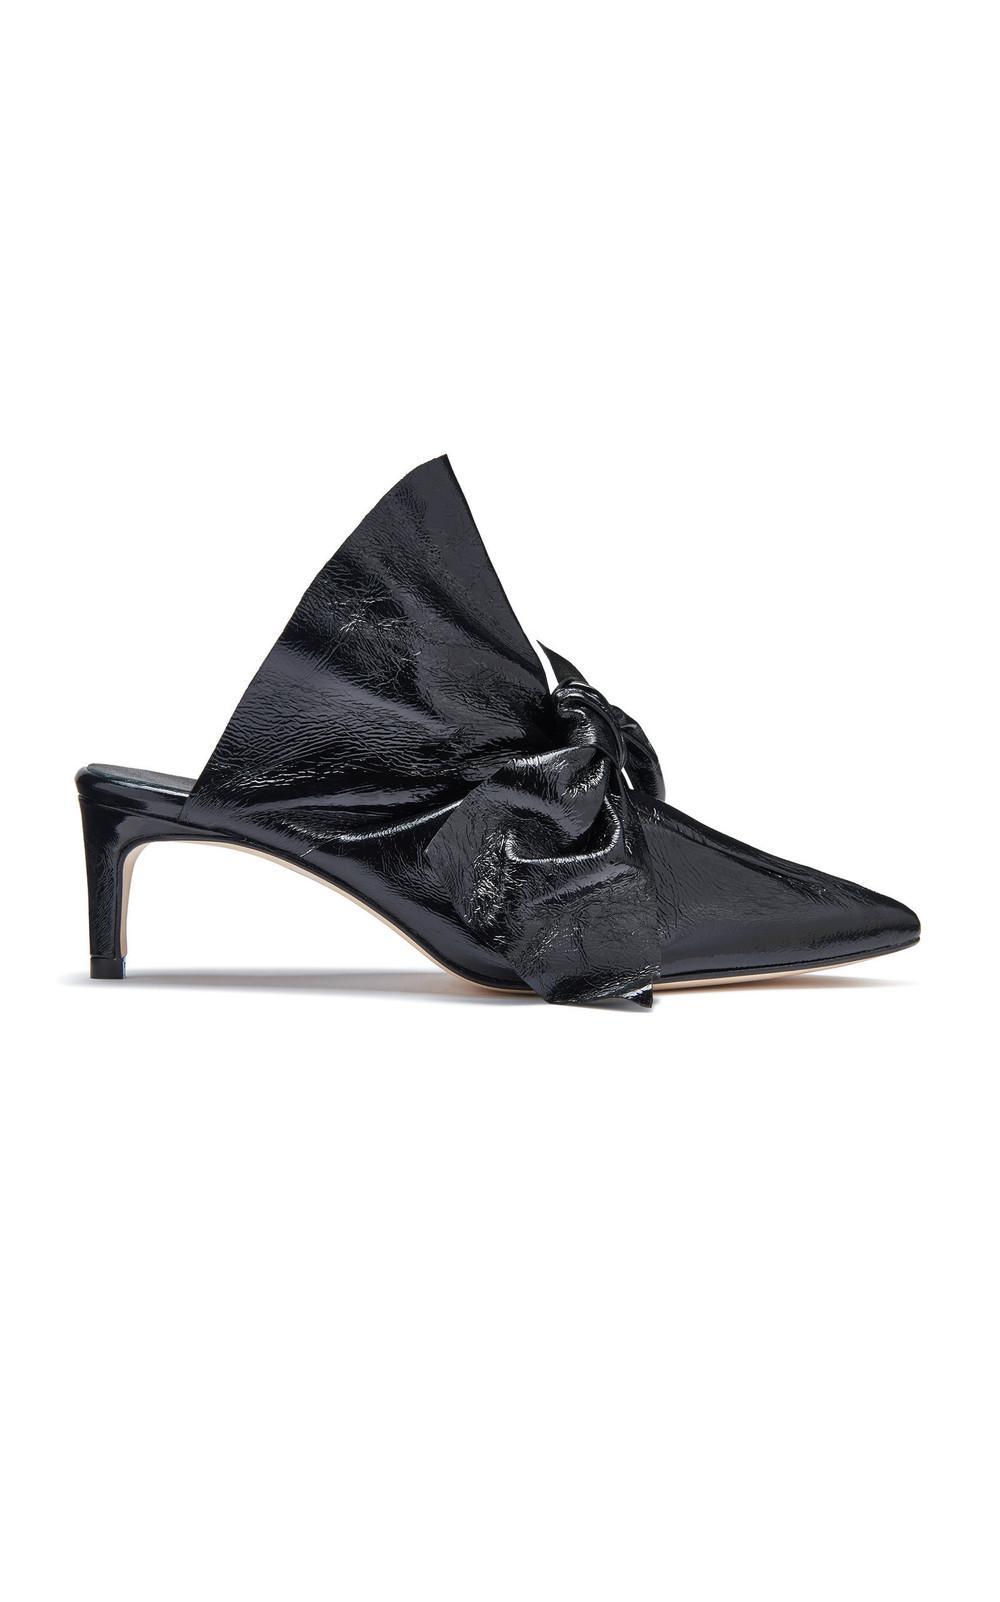 Miista Paulette Gloss Mule in black